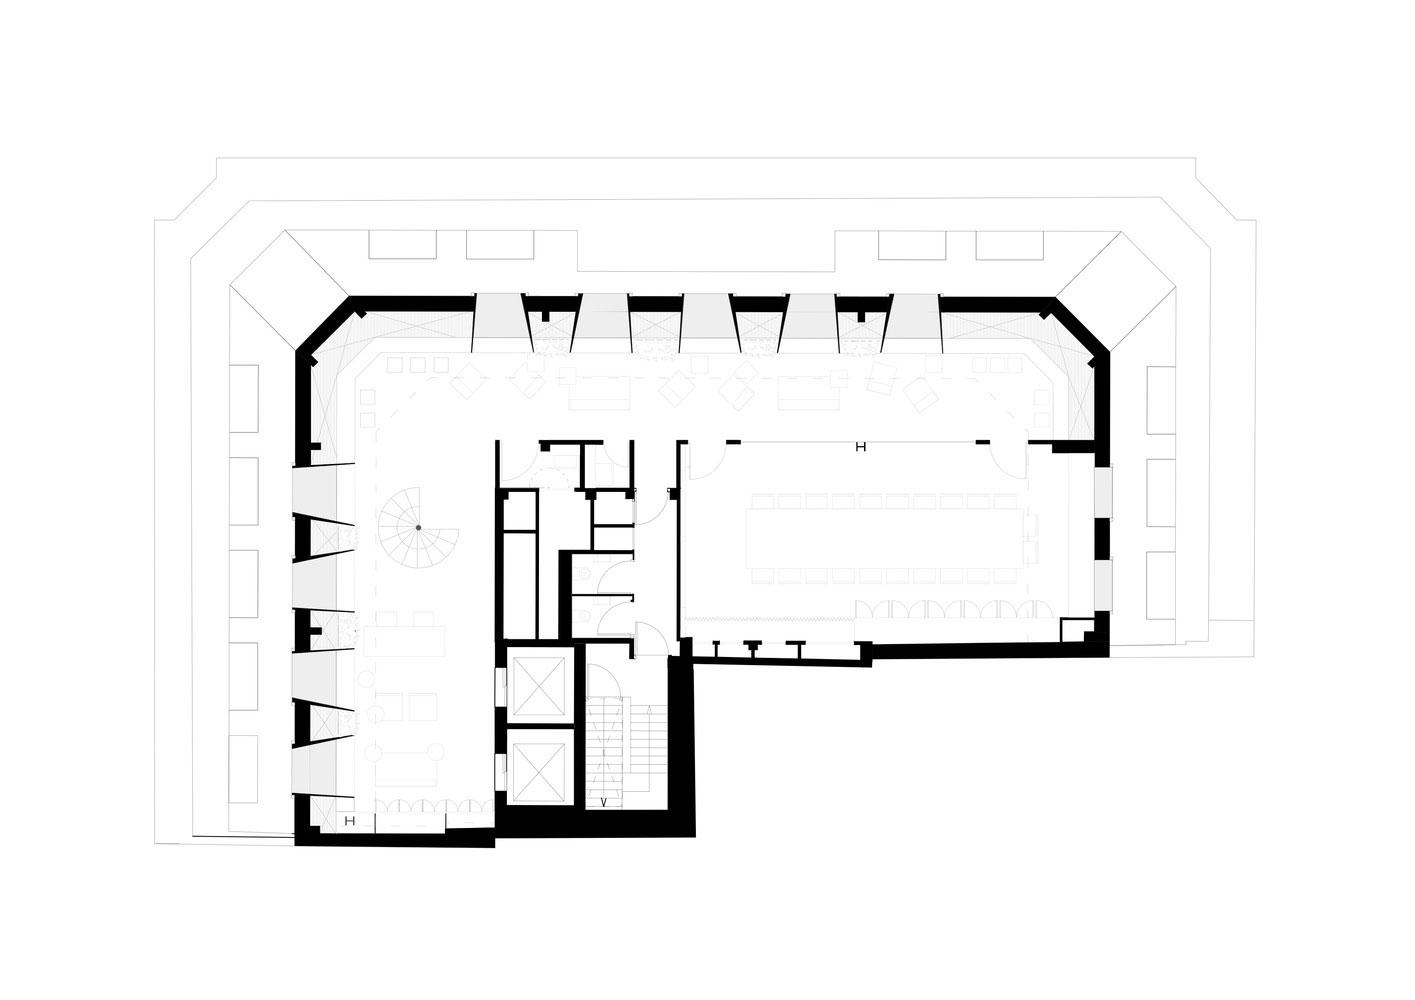 طراحی و دکوراسون داخلی فضای اداری مدرن